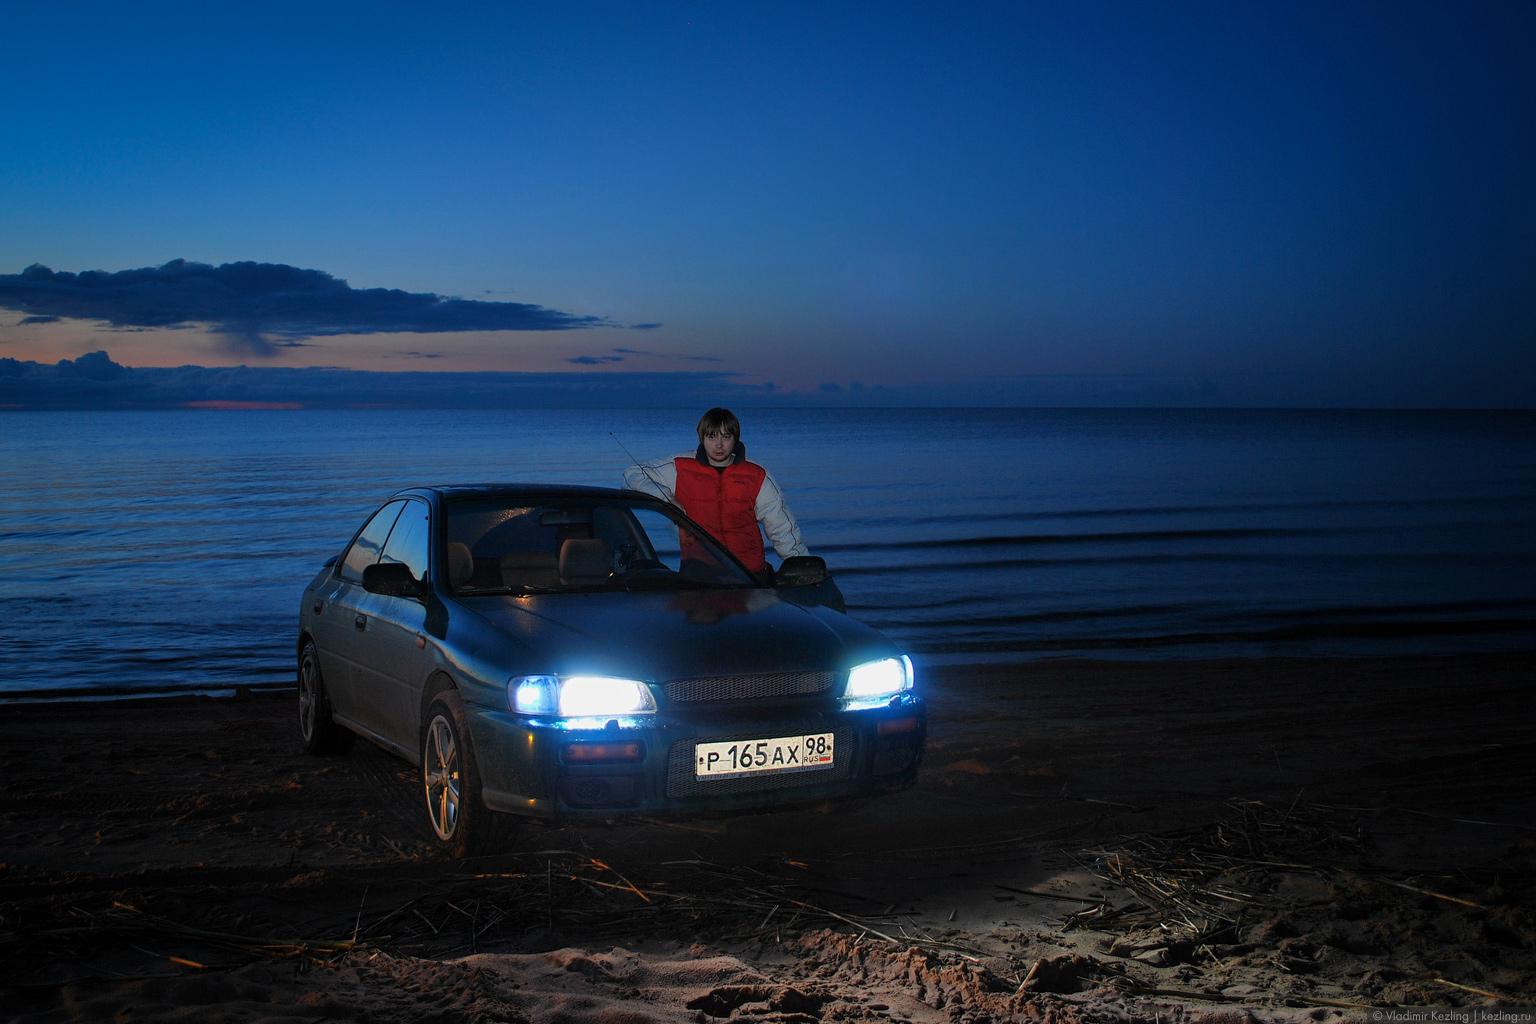 Моя первая машина — Subaru Impreza. Коккорево, Россия, 2008